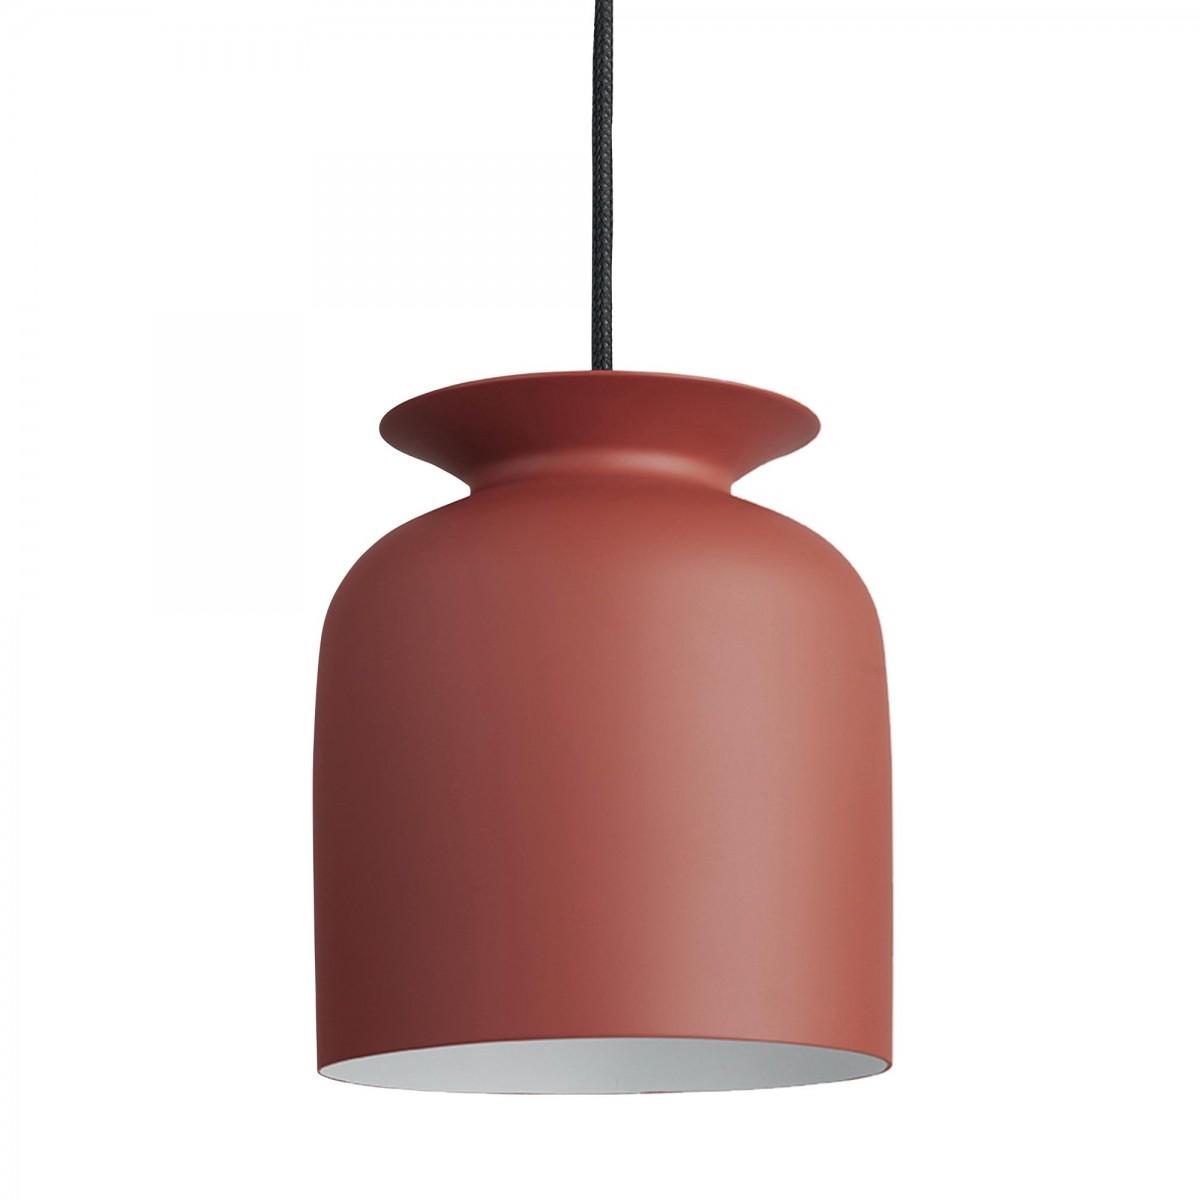 suspension ronde s rouge gubi. Black Bedroom Furniture Sets. Home Design Ideas